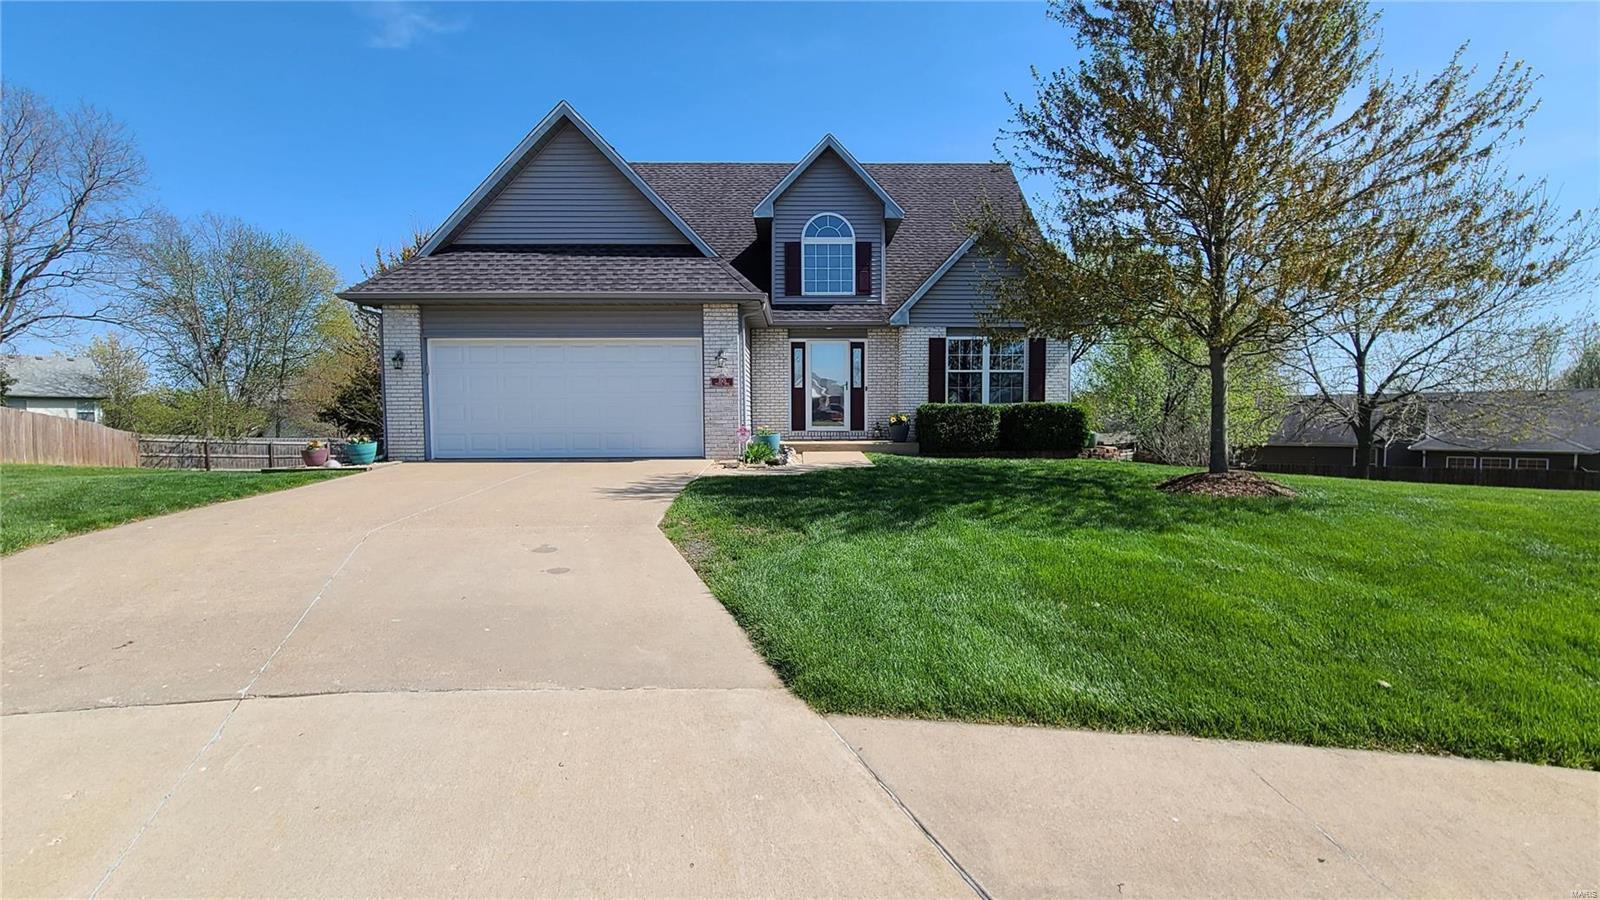 3501 Topanga Drive Property Photo - Columbia, MO real estate listing